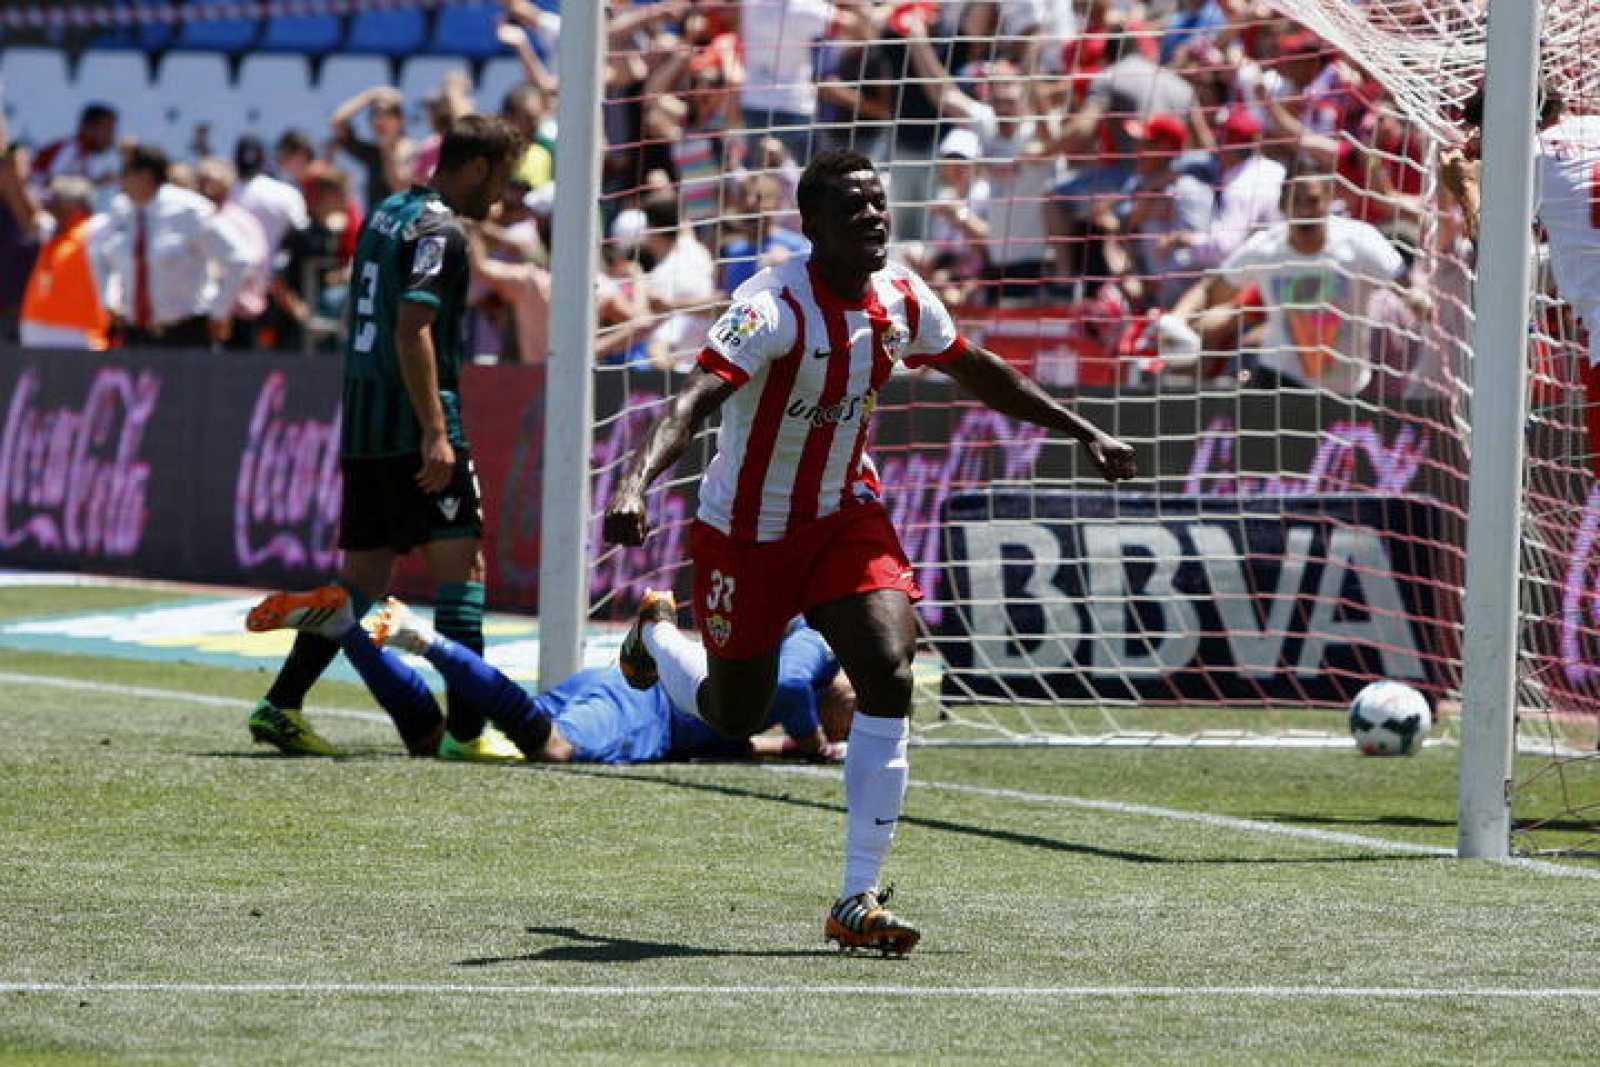 Almería 3 - Betis 2 | Jornada 36 de Liga | El Almería remonta al ...